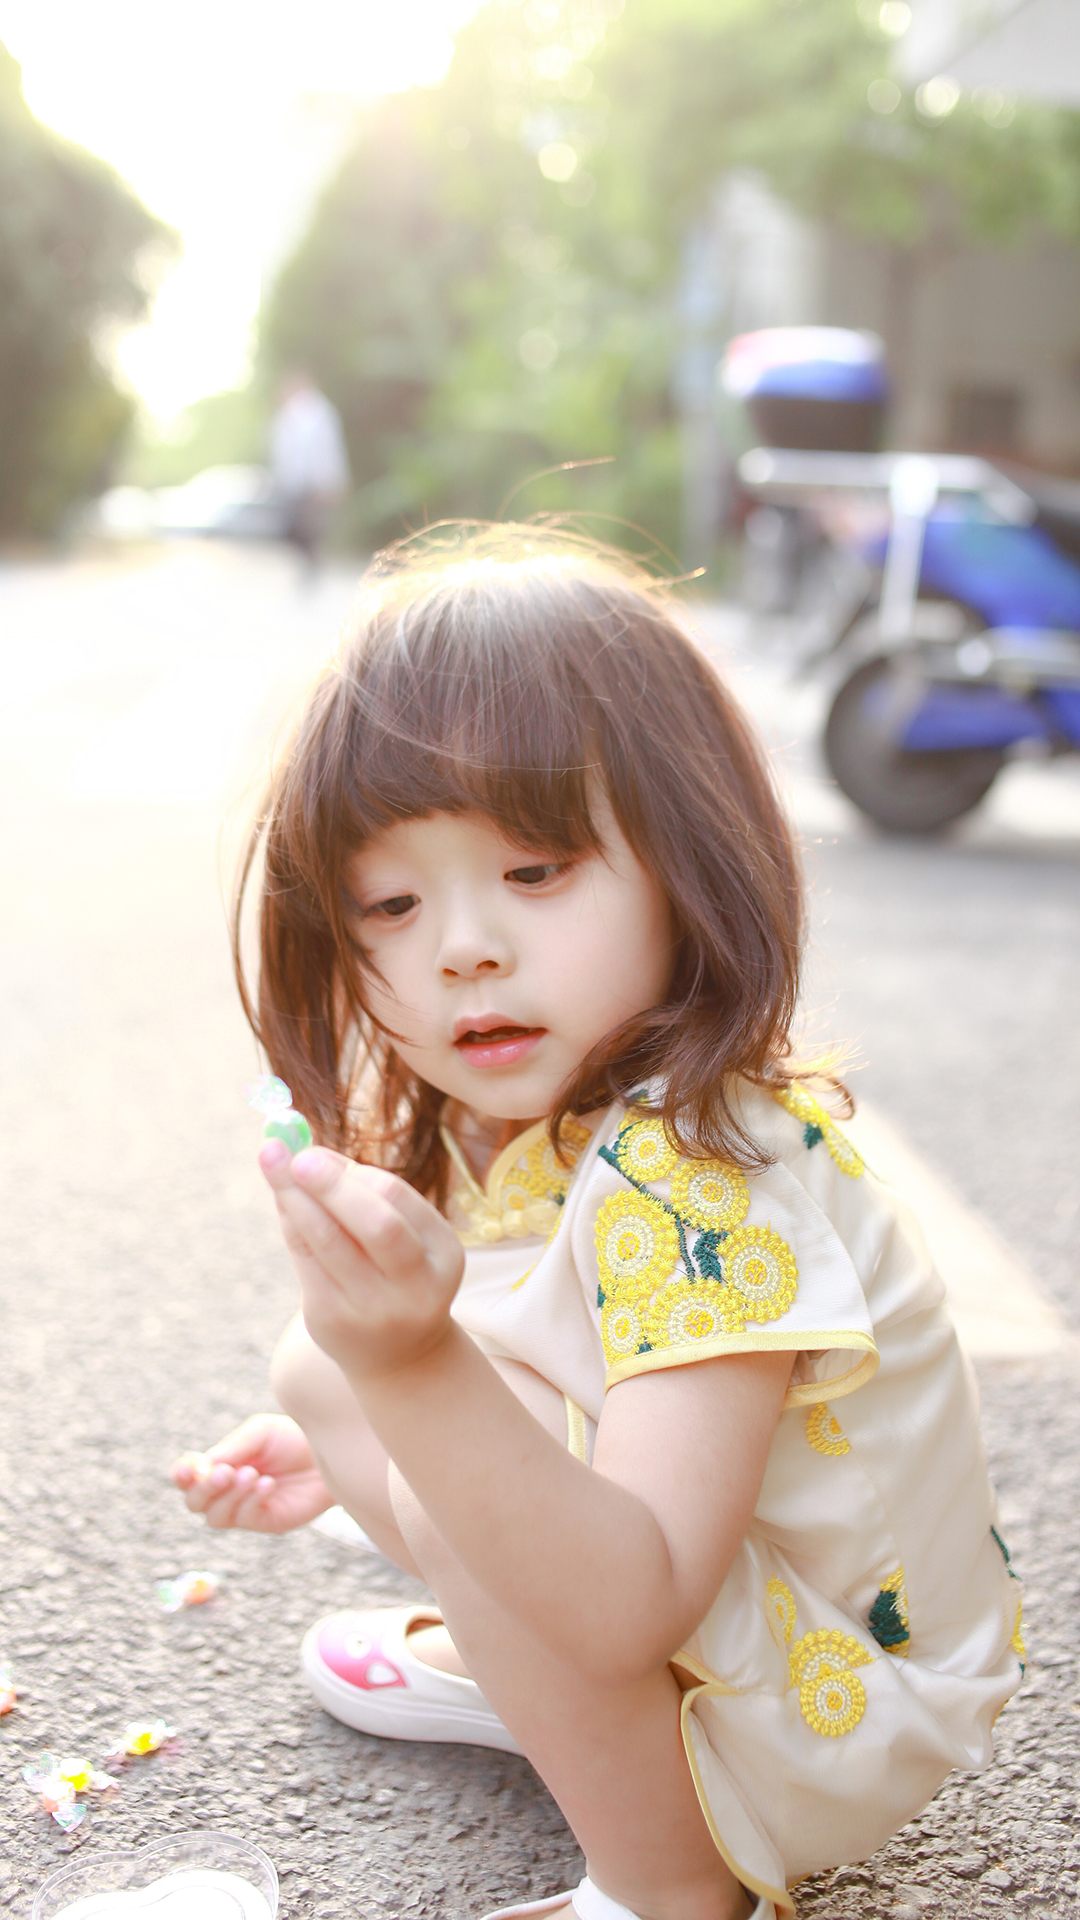 电脑上wap网:哈琳 萌娃 旗袍 可爱 气质 苹果手机高清壁纸 1080x1920